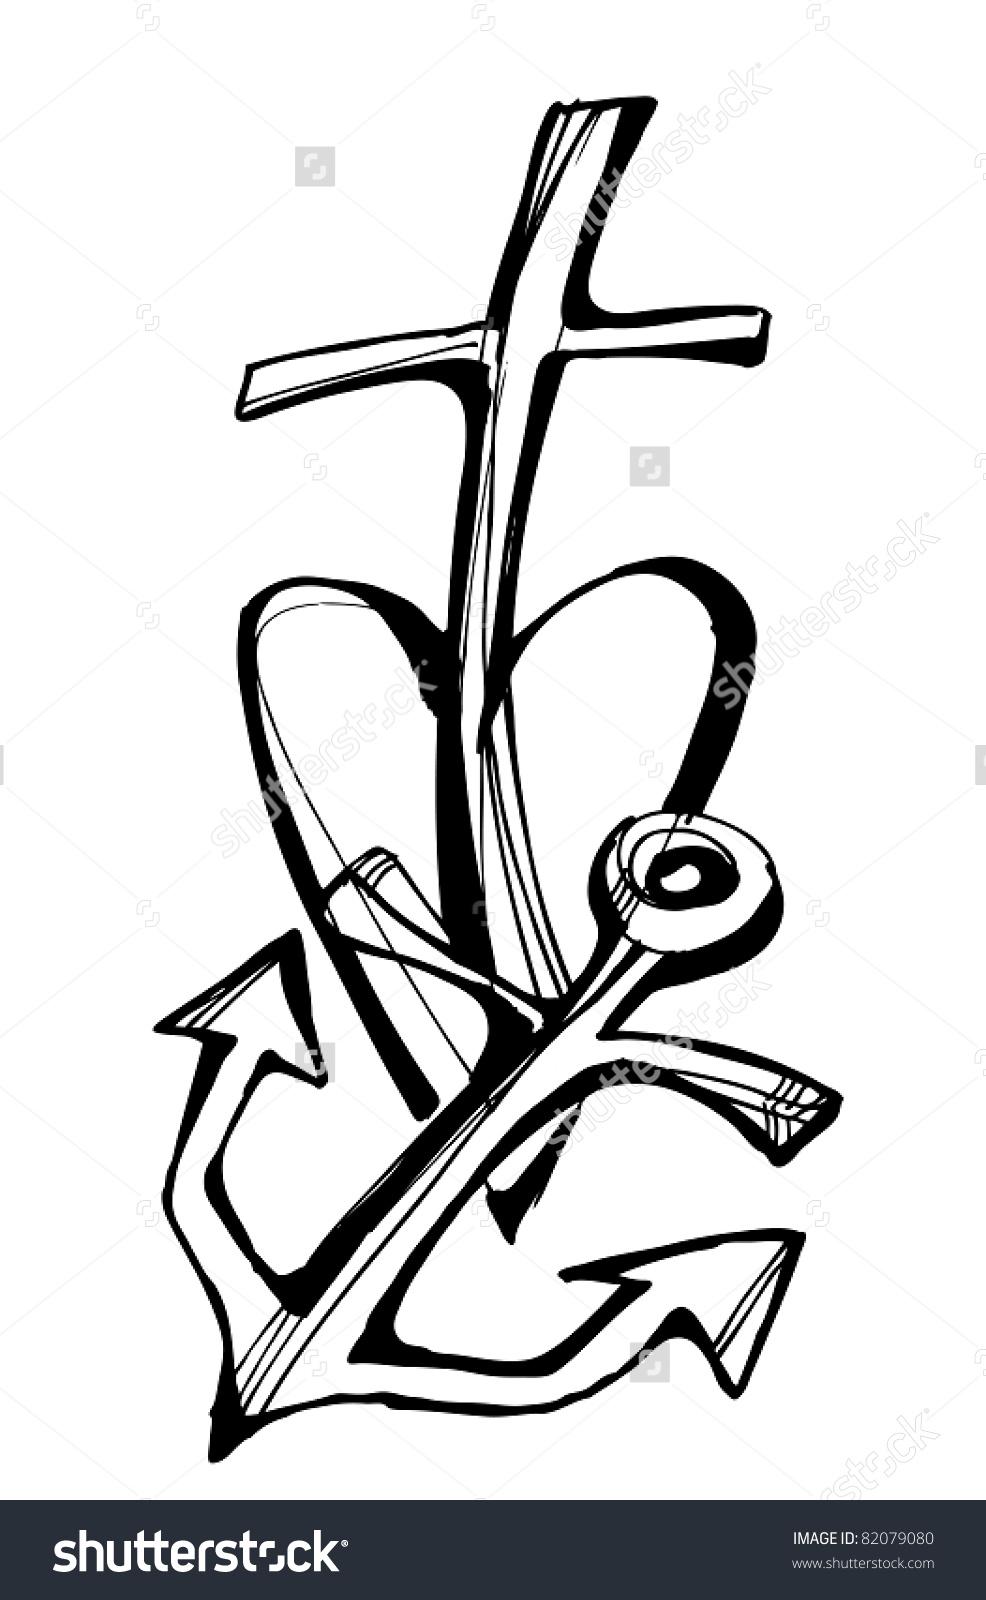 986x1600 Catholic Mass Symbols Images